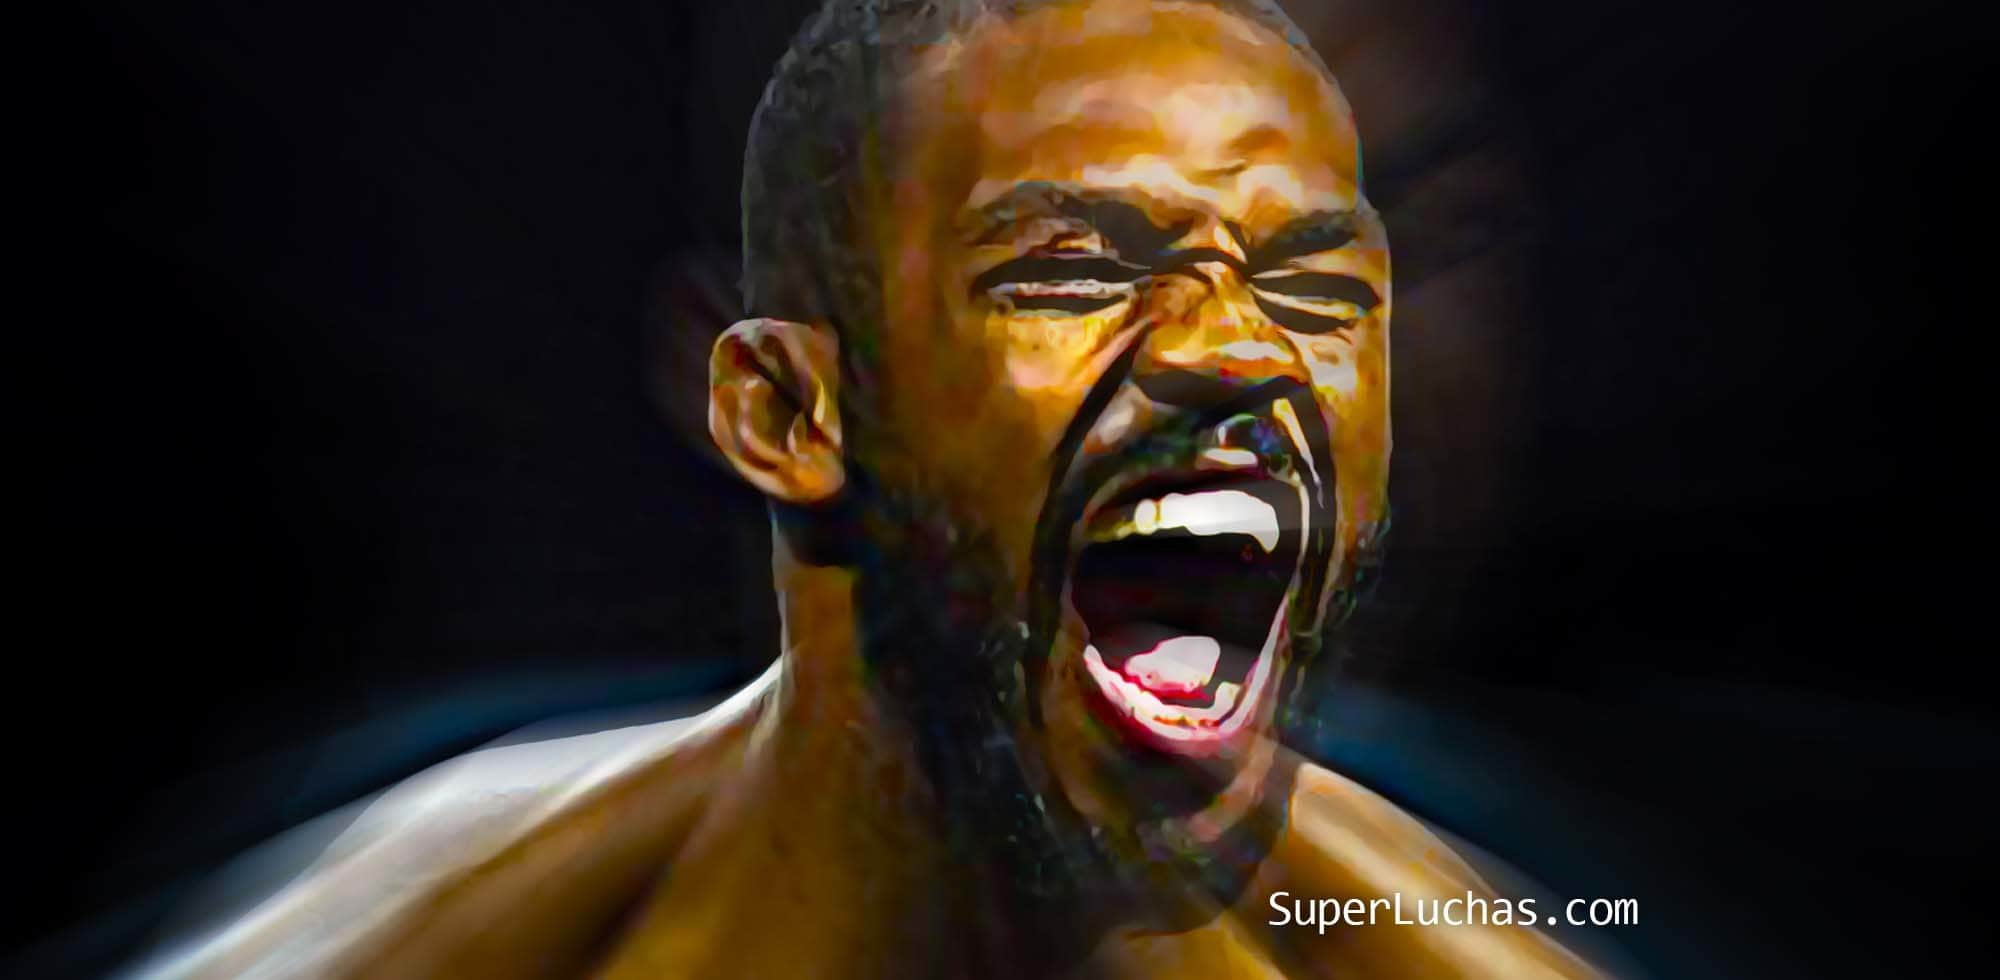 ¡Revocada la licencia de peleador de Jon Jones! 1